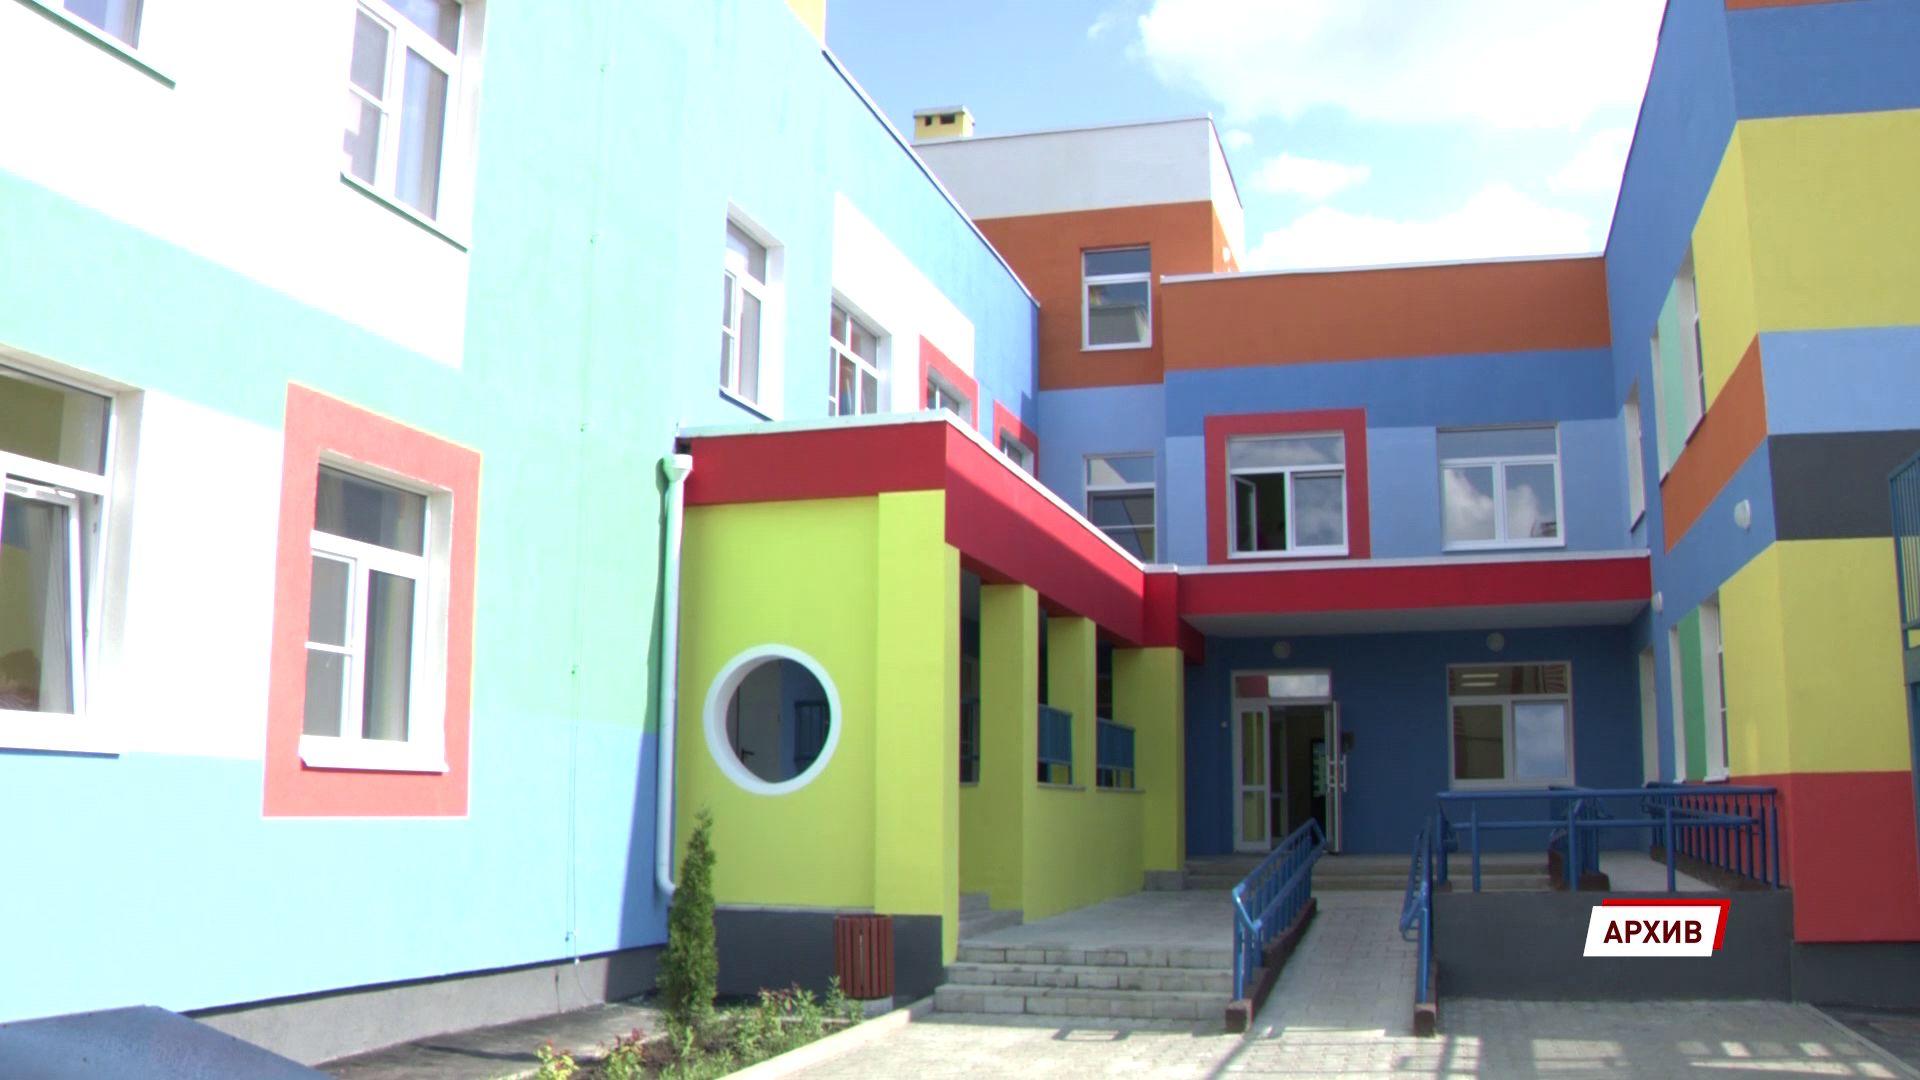 Ярославская область попала в рейтинг регионов, активно компенсирующих семьям нехватку мест в детсадах